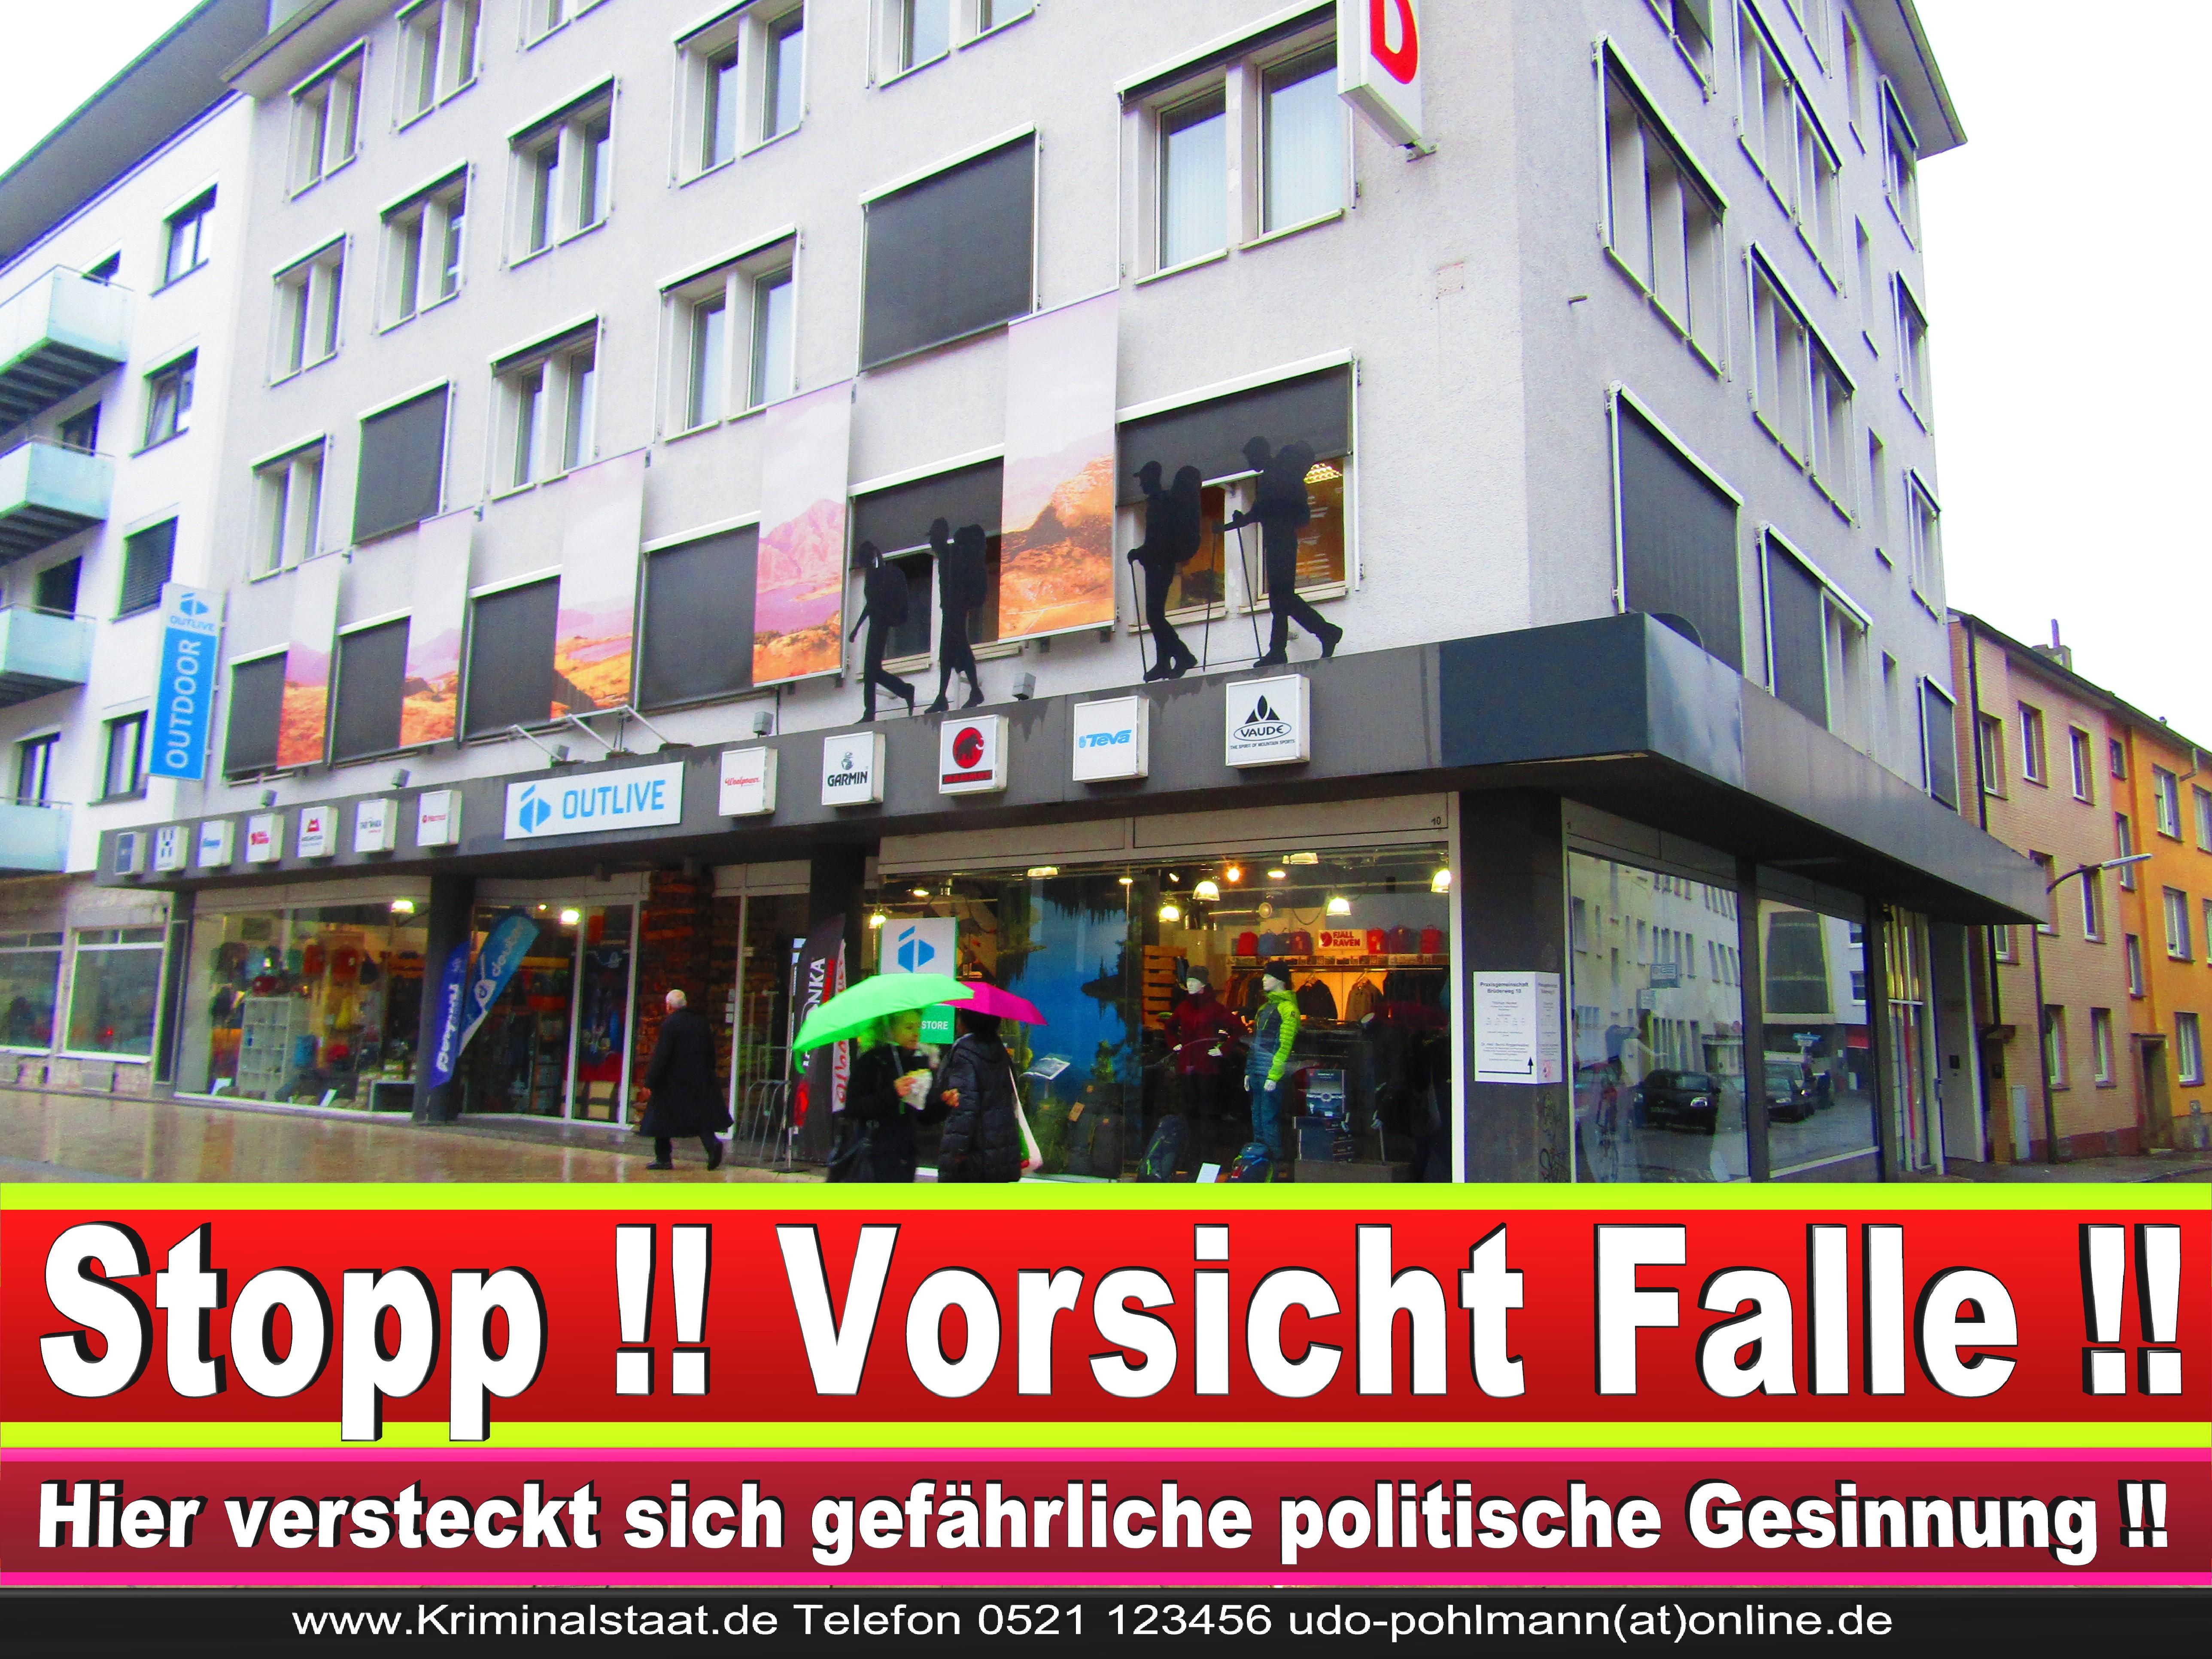 SPD DORTMUND UNTERBEZIRK BüRGERBüRO SPD ORTSVERBAND RAT STADT RATSMITGLIEDER SPD FRAKTION SPD NRW ADRESSE (12) 1